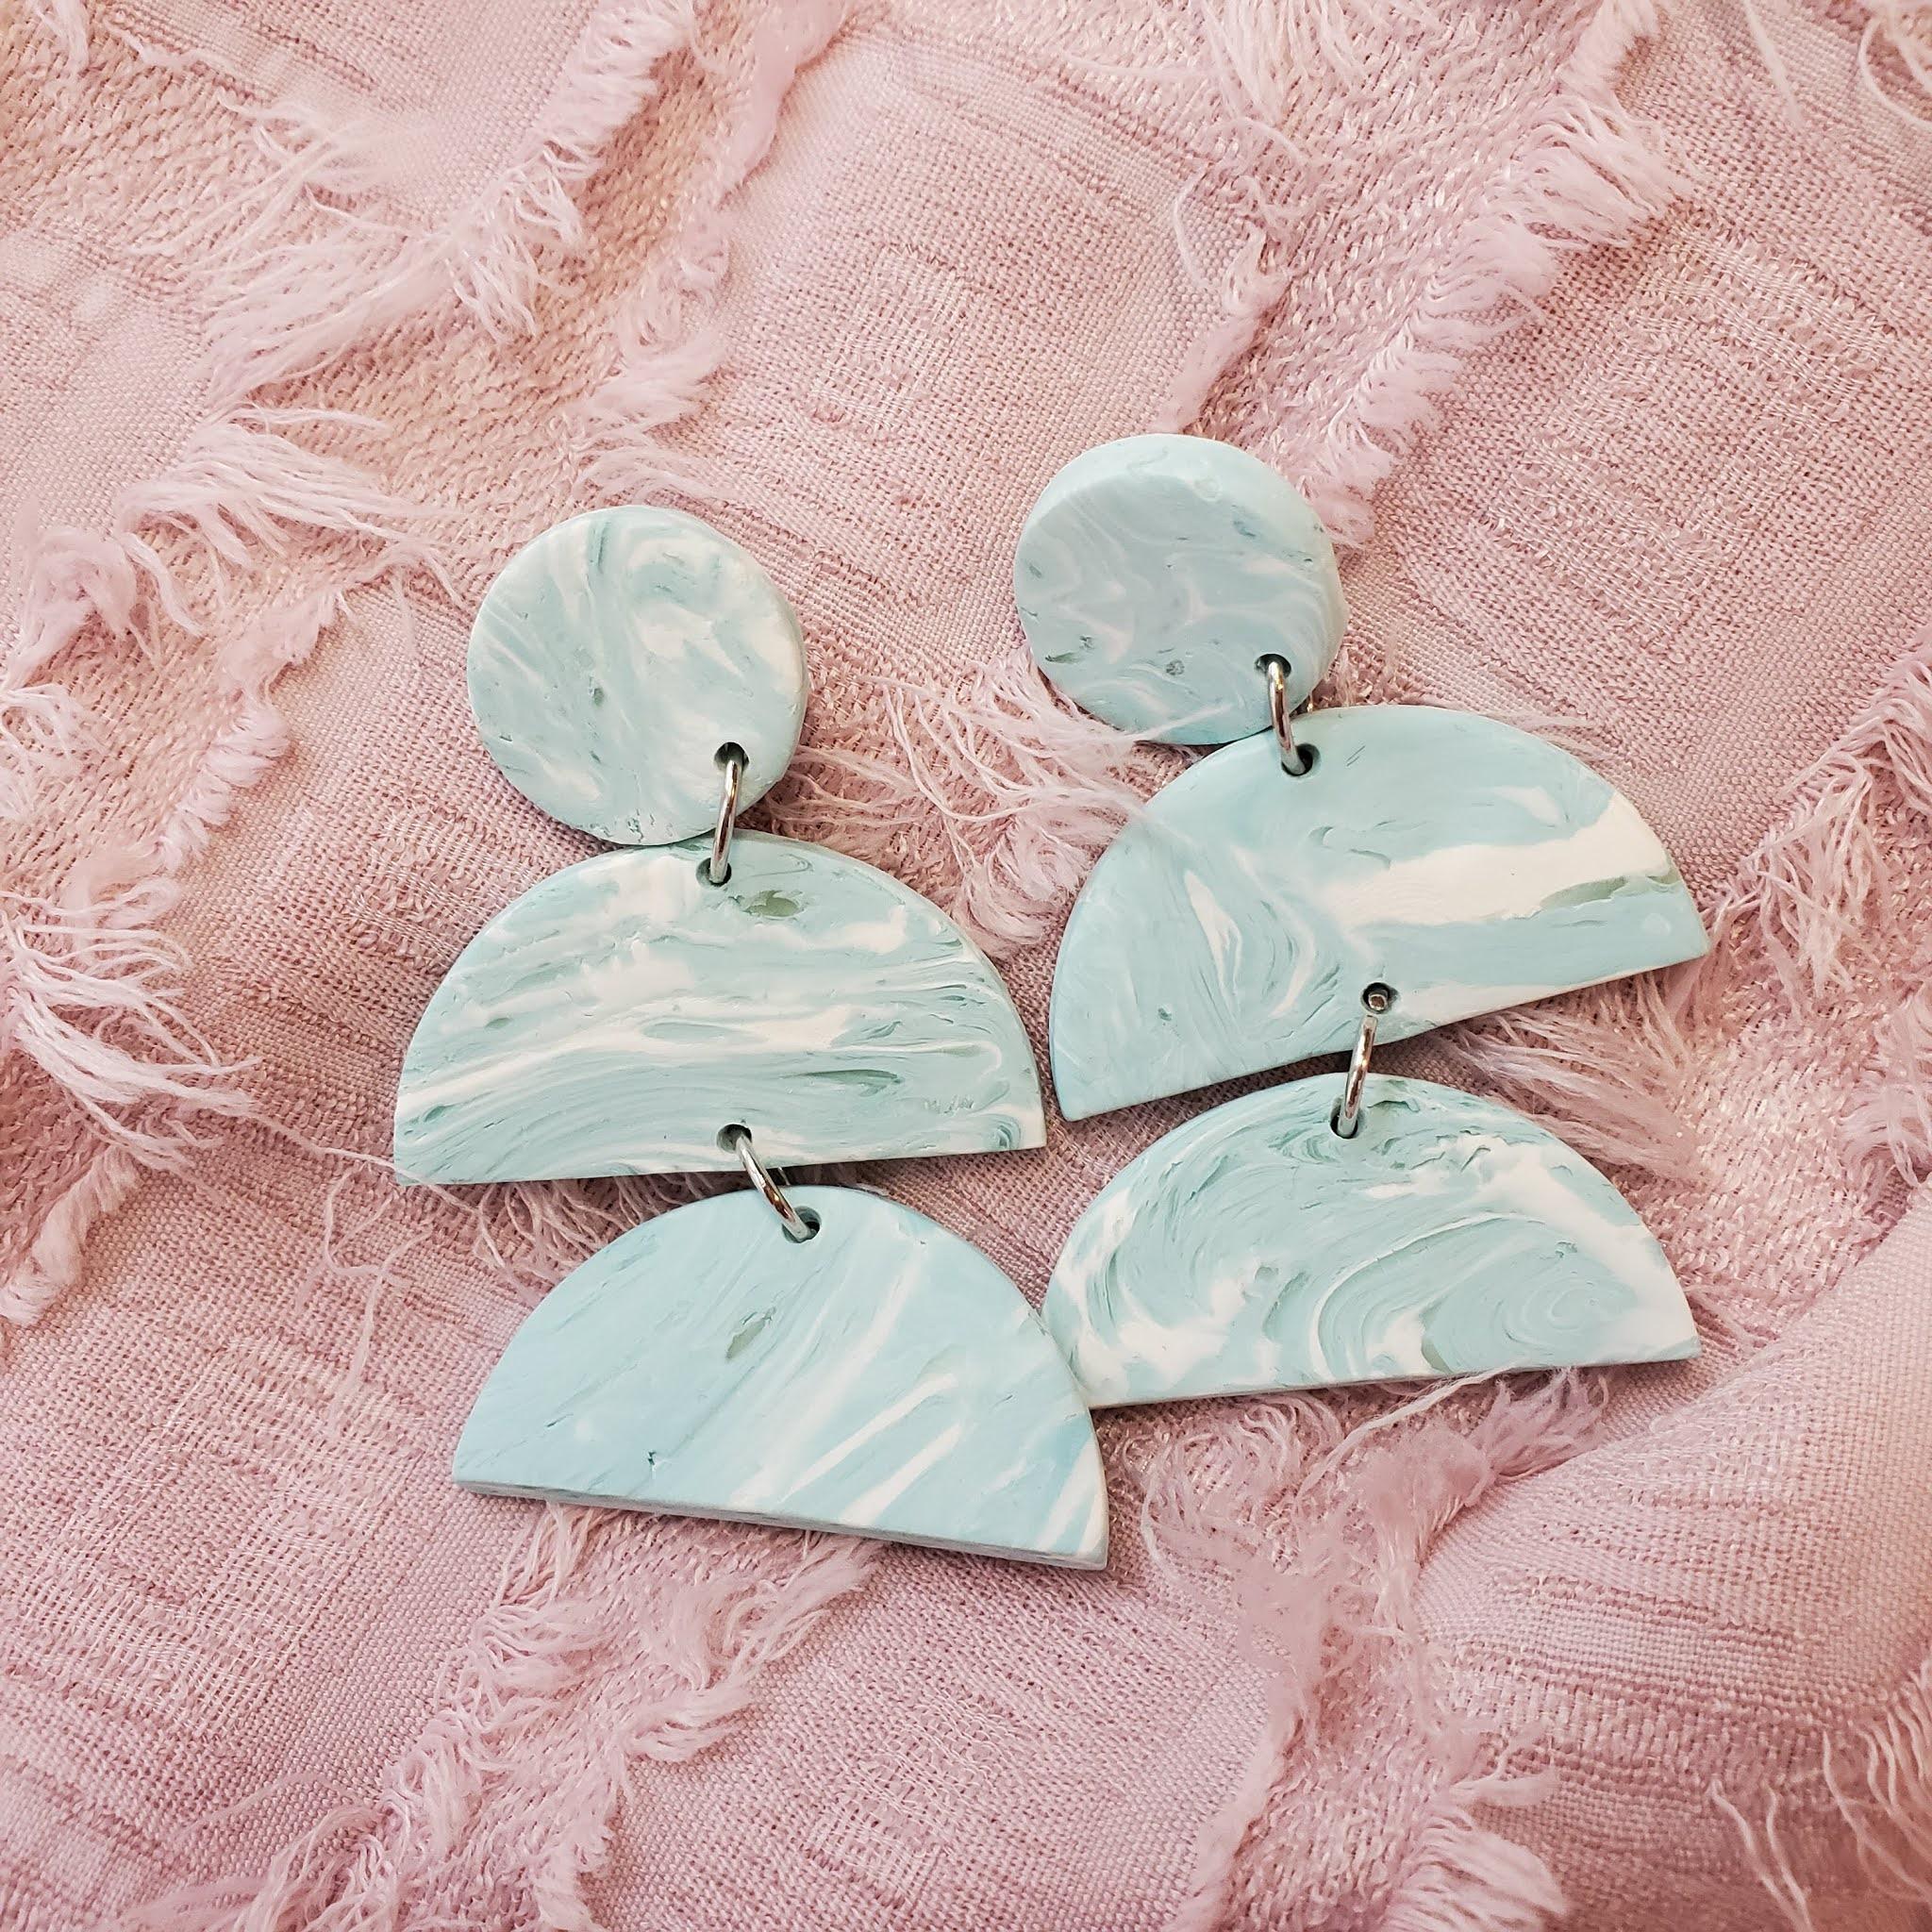 Polymer clay statement earrings - amelia drop earrings